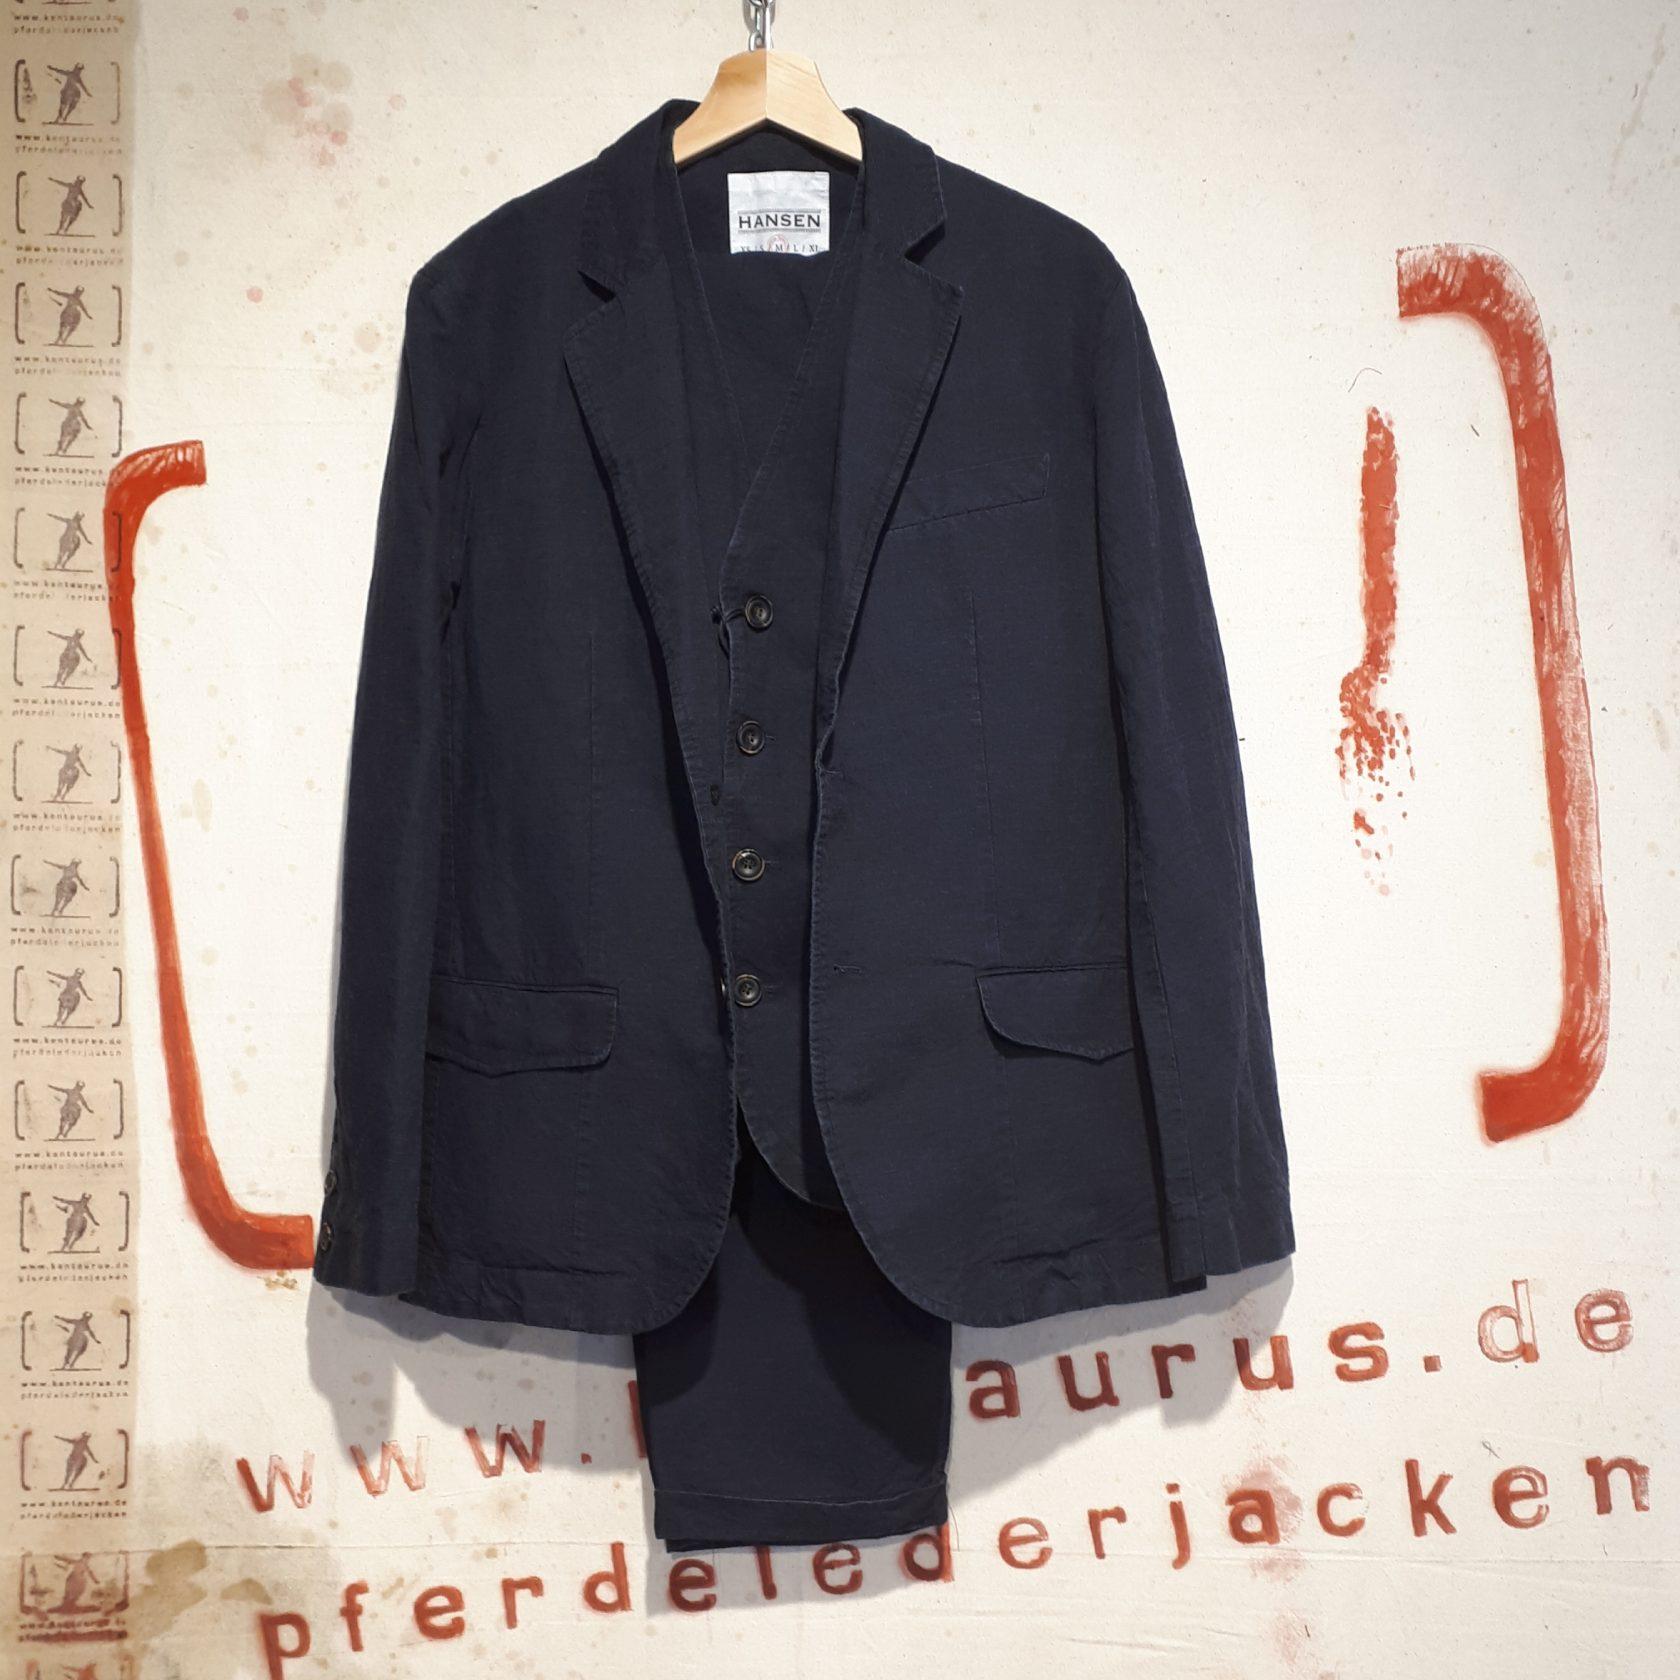 Hansen : 3 piece suit blue wash